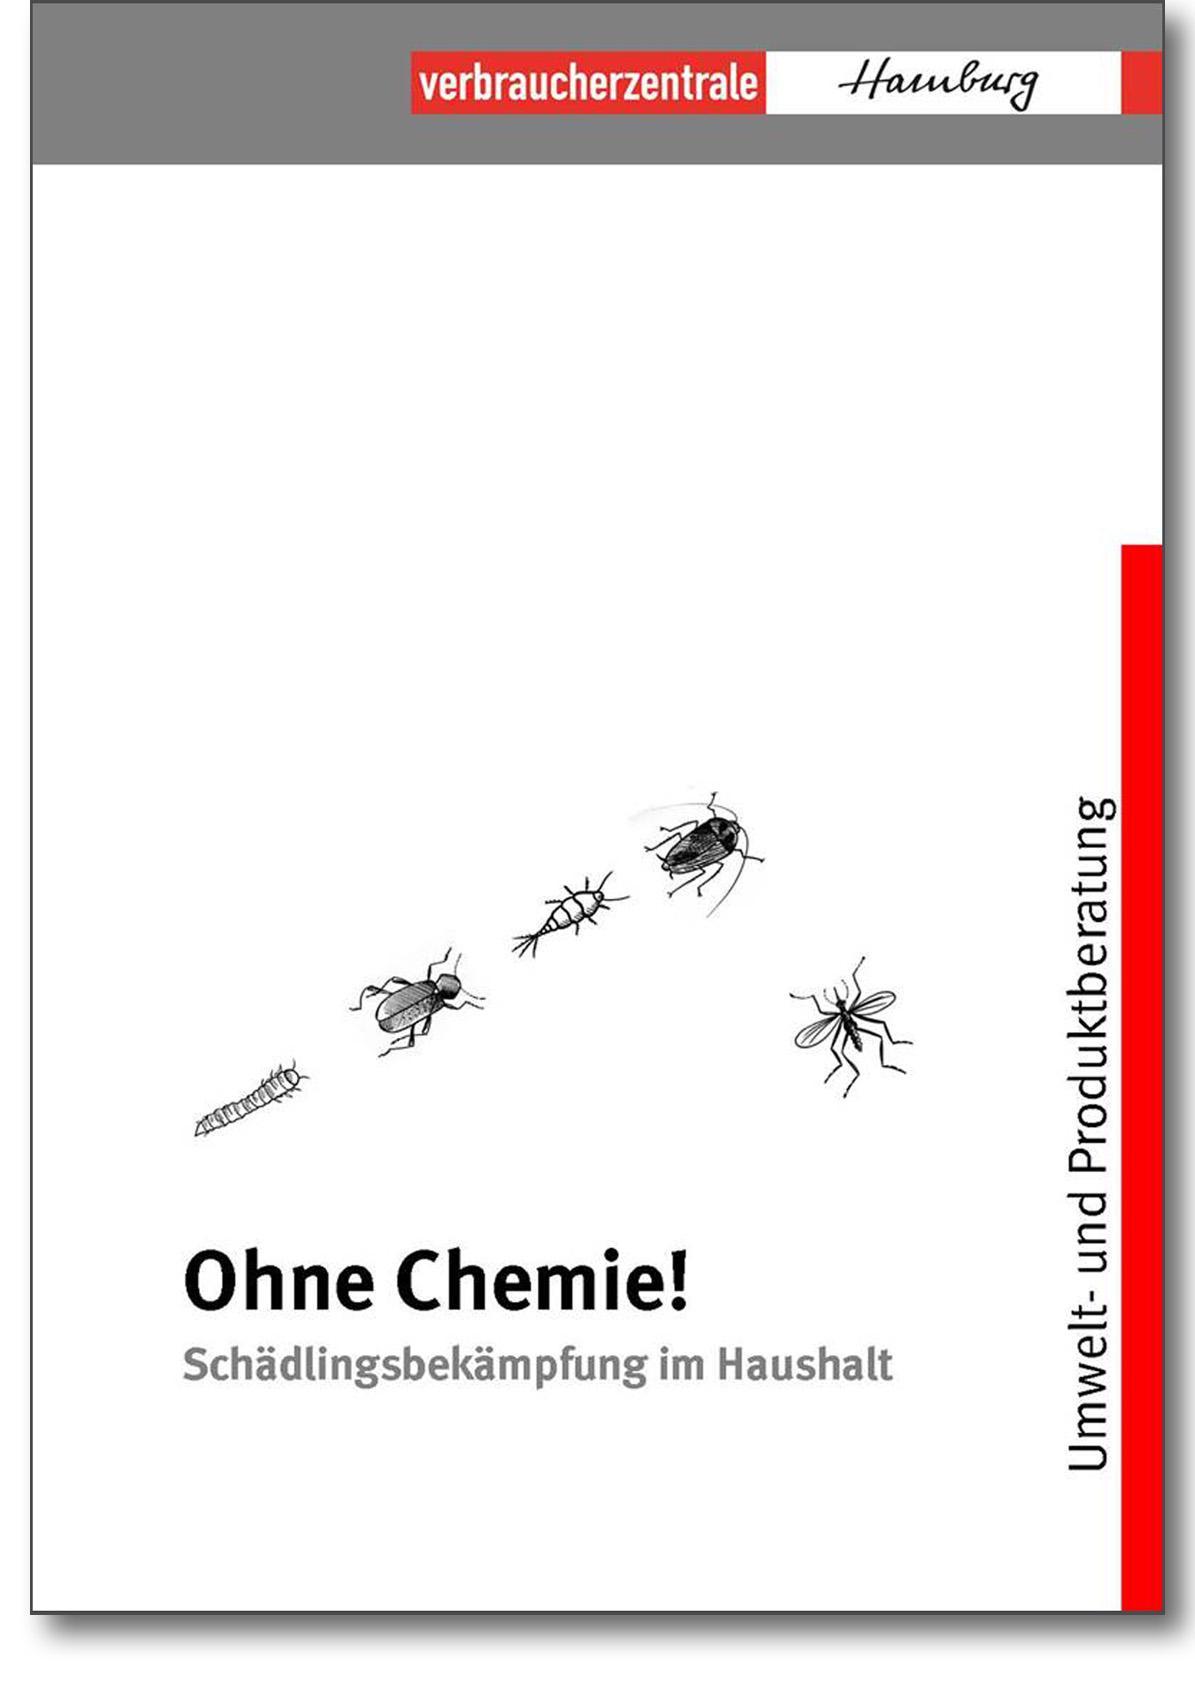 Ohne Chemie! Schädlingsbekämpfung im Haushalt